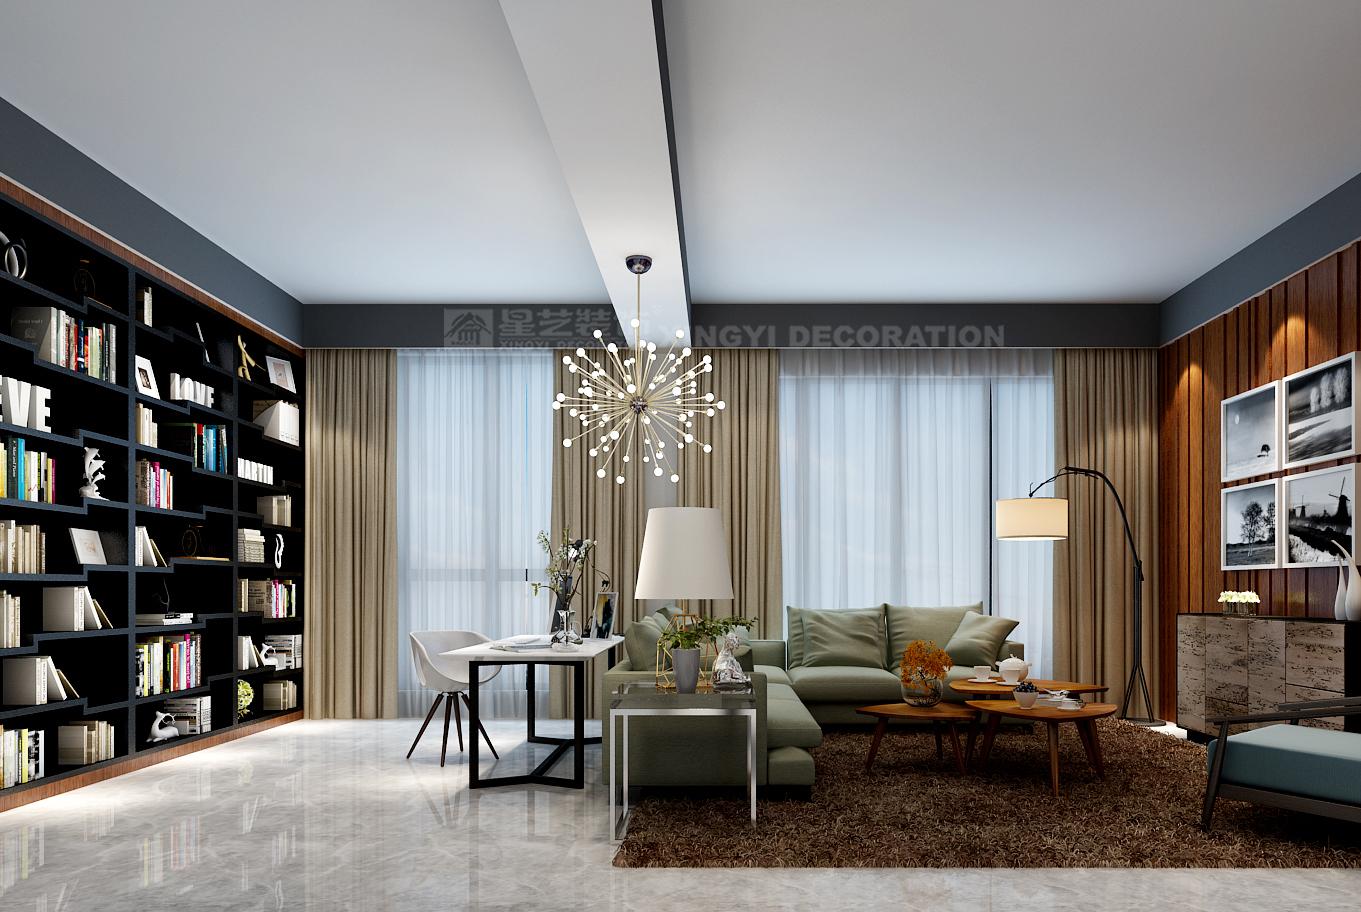 三房改一房,这套案例的客厅设计我给满分!